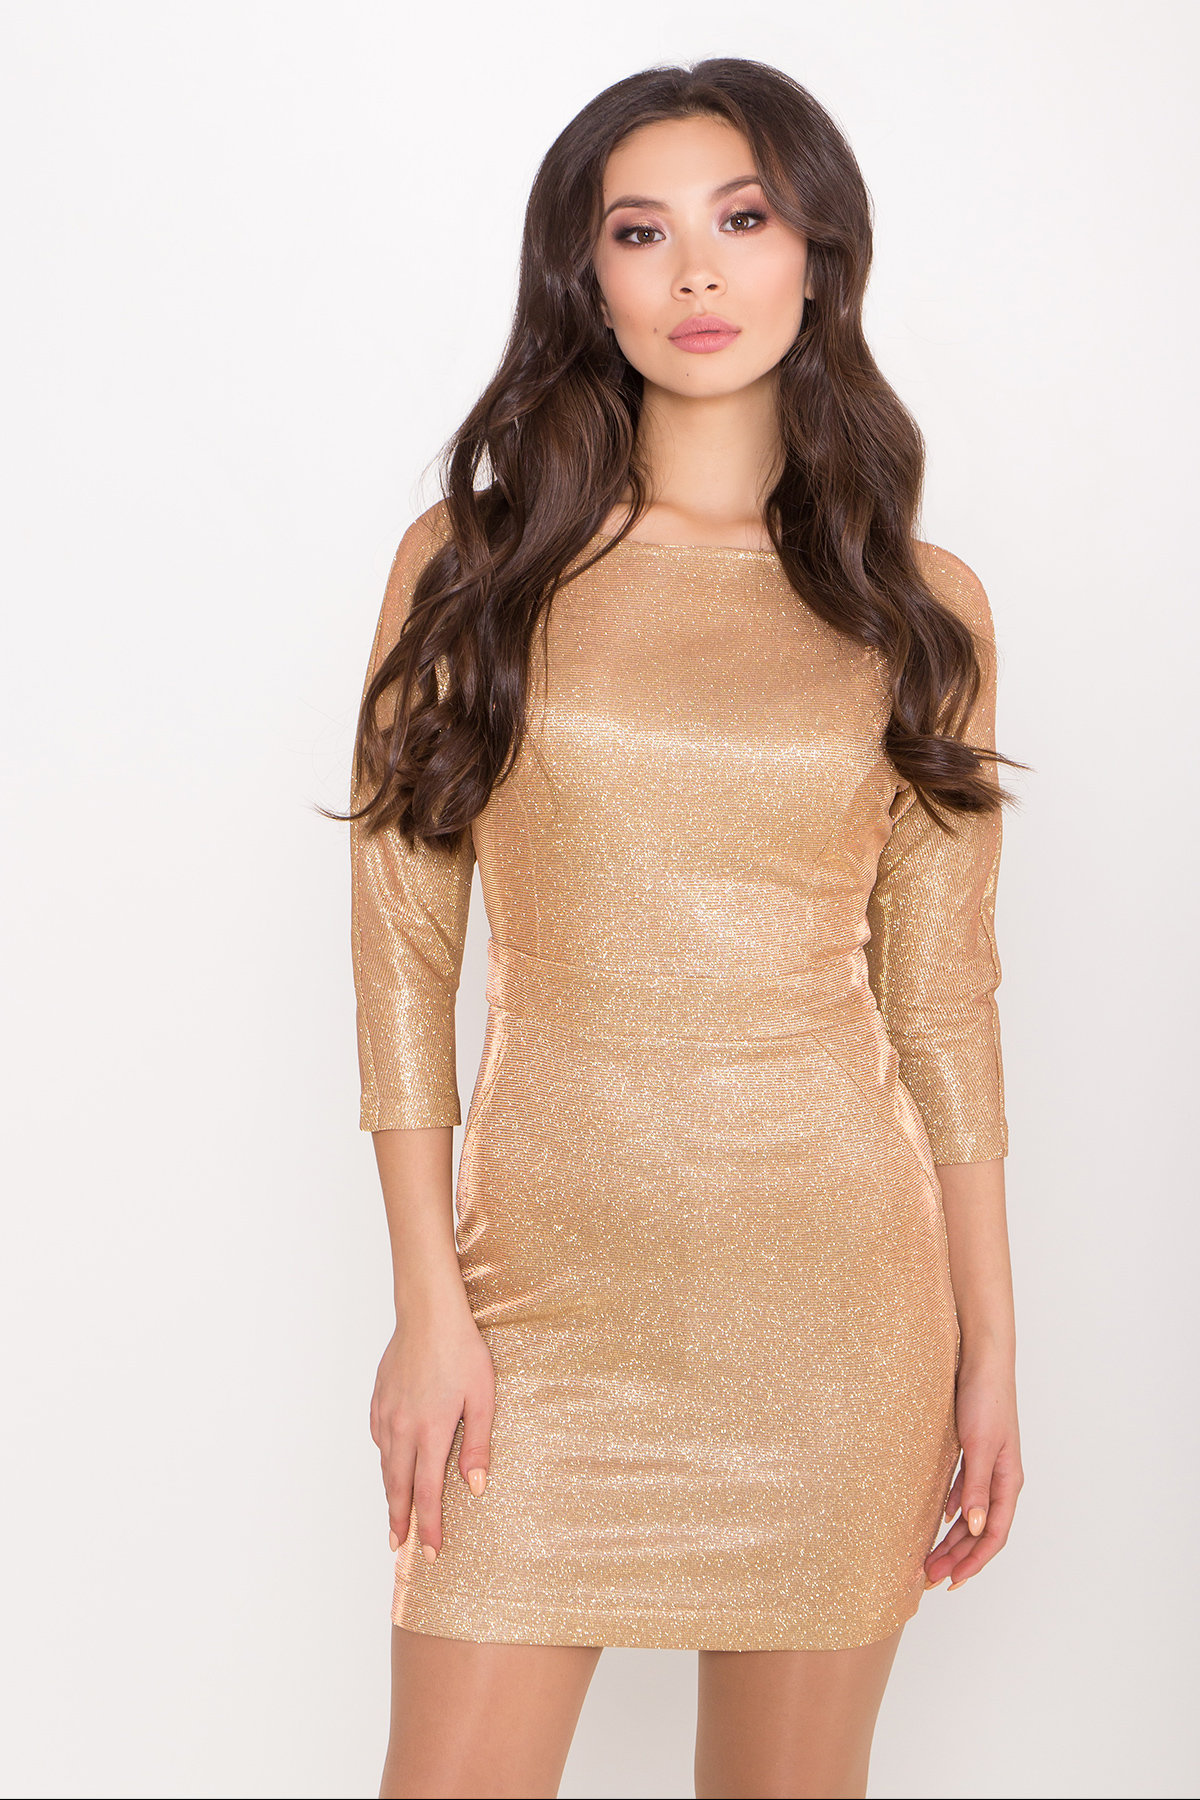 Платье-хамелеон из трикотажа с люрексом Инглот 8428 АРТ. 45008 Цвет: Золото/розовый - фото 3, интернет магазин tm-modus.ru